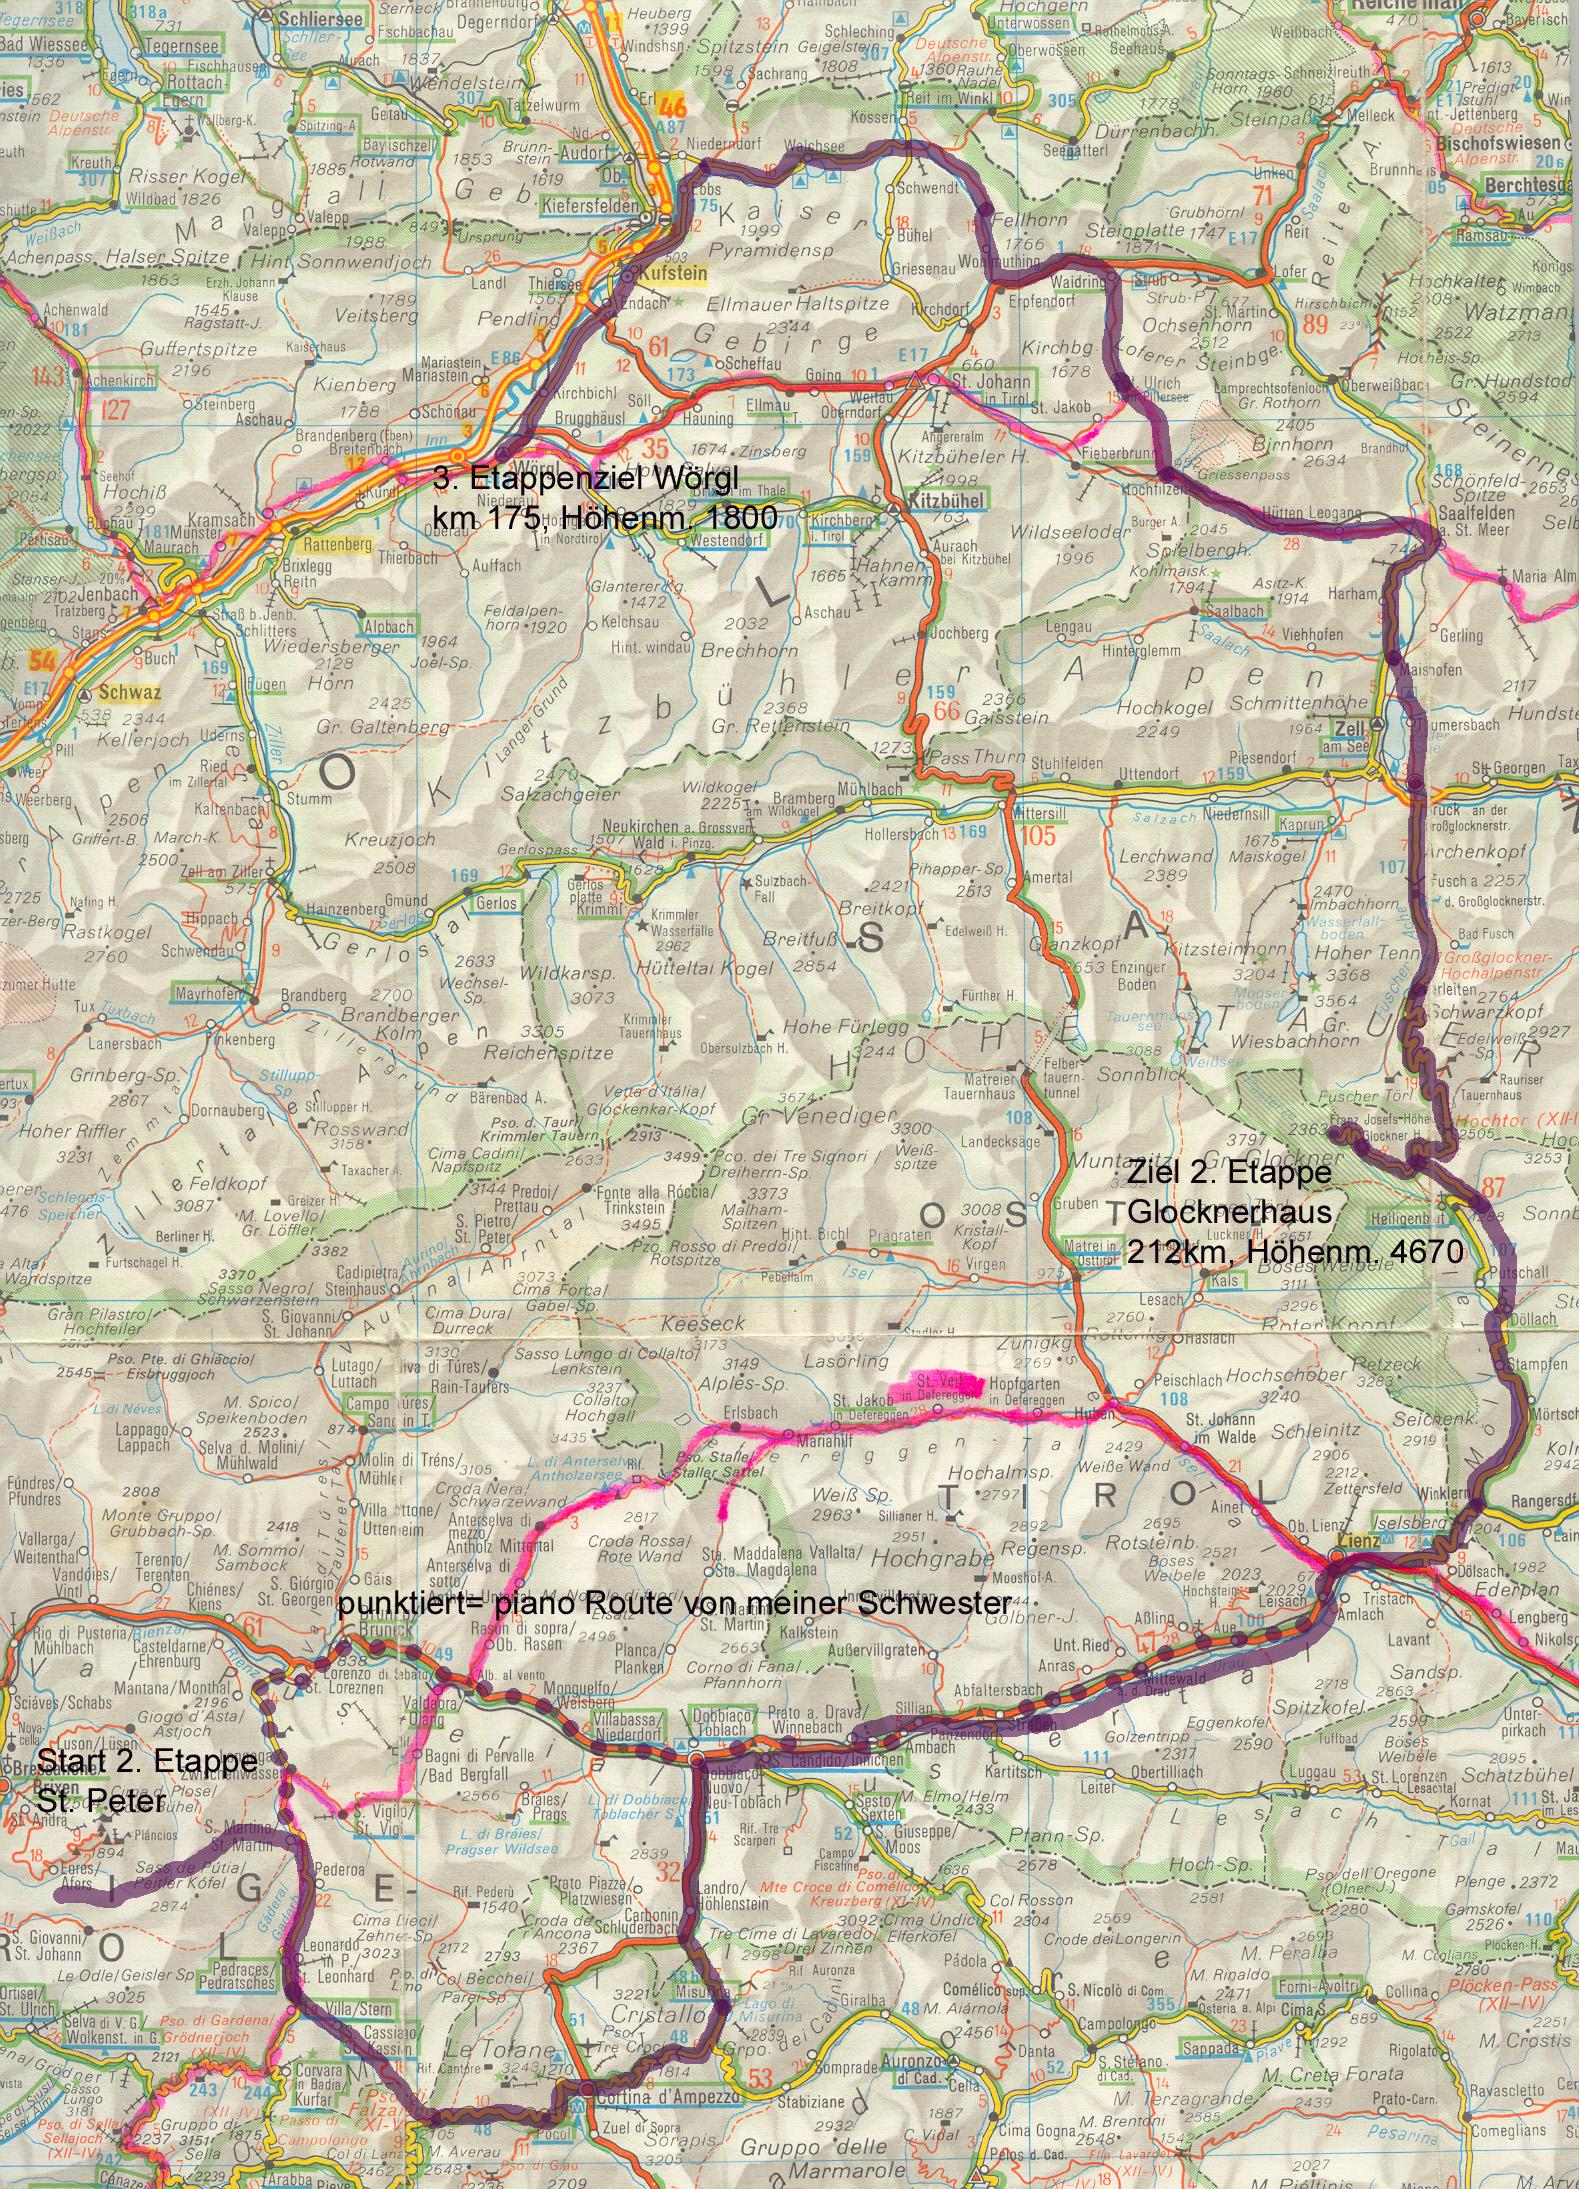 Großglockner Karte.13 Karte 2 Cortina Grossglockner